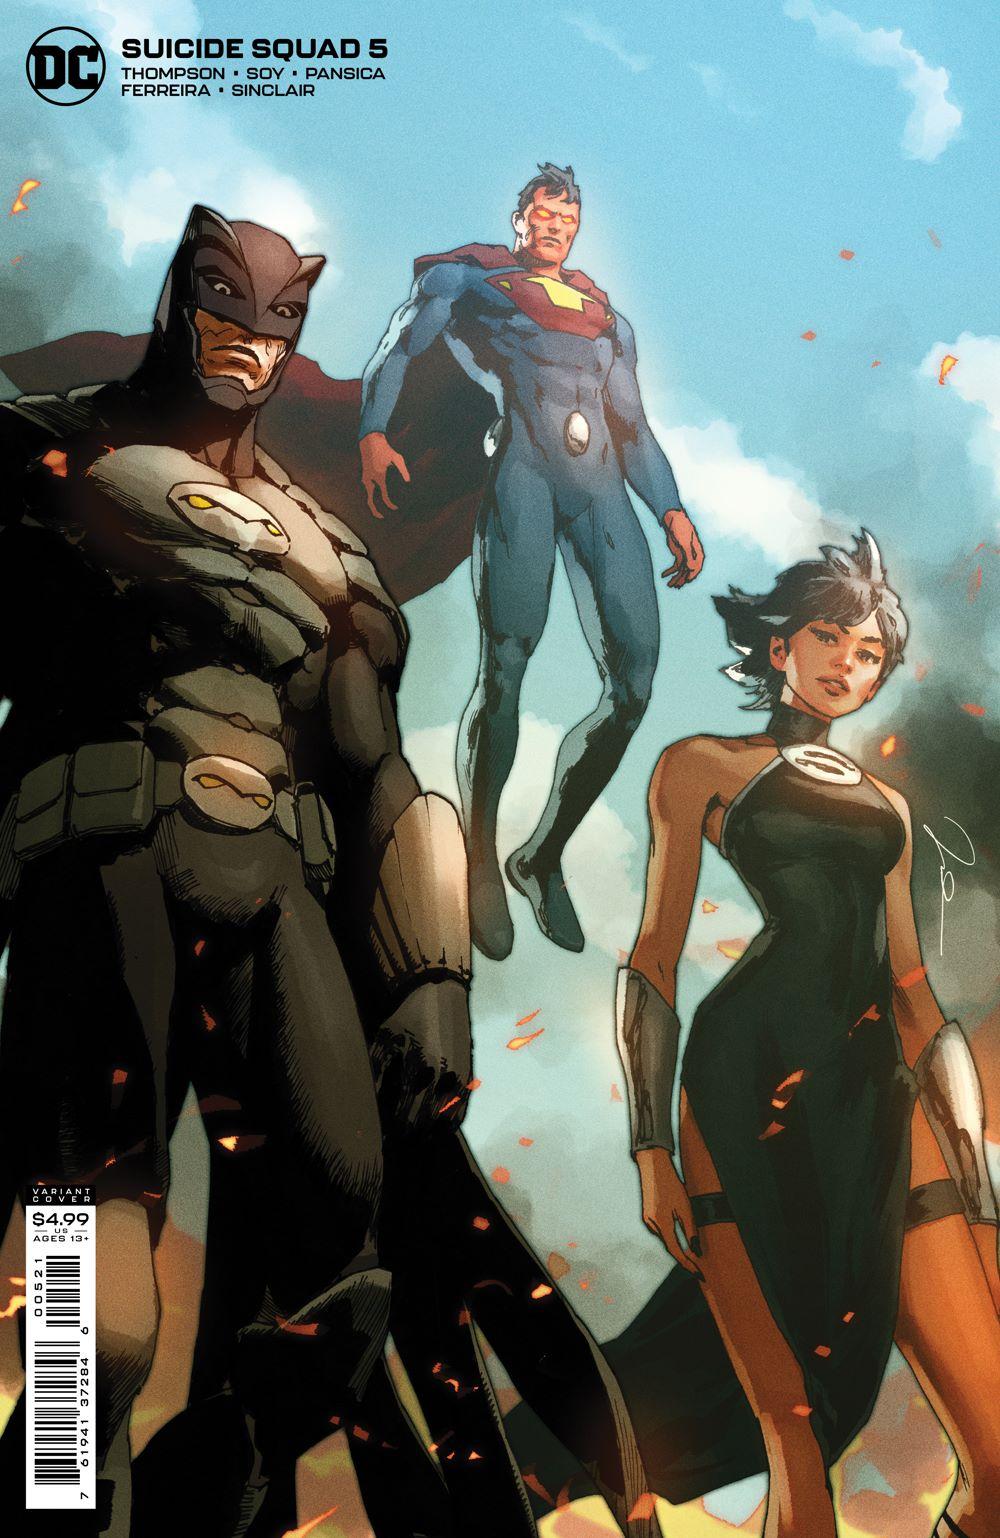 SUICIDESQUAD_Cv5_var DC Comics July 2021 Solicitations